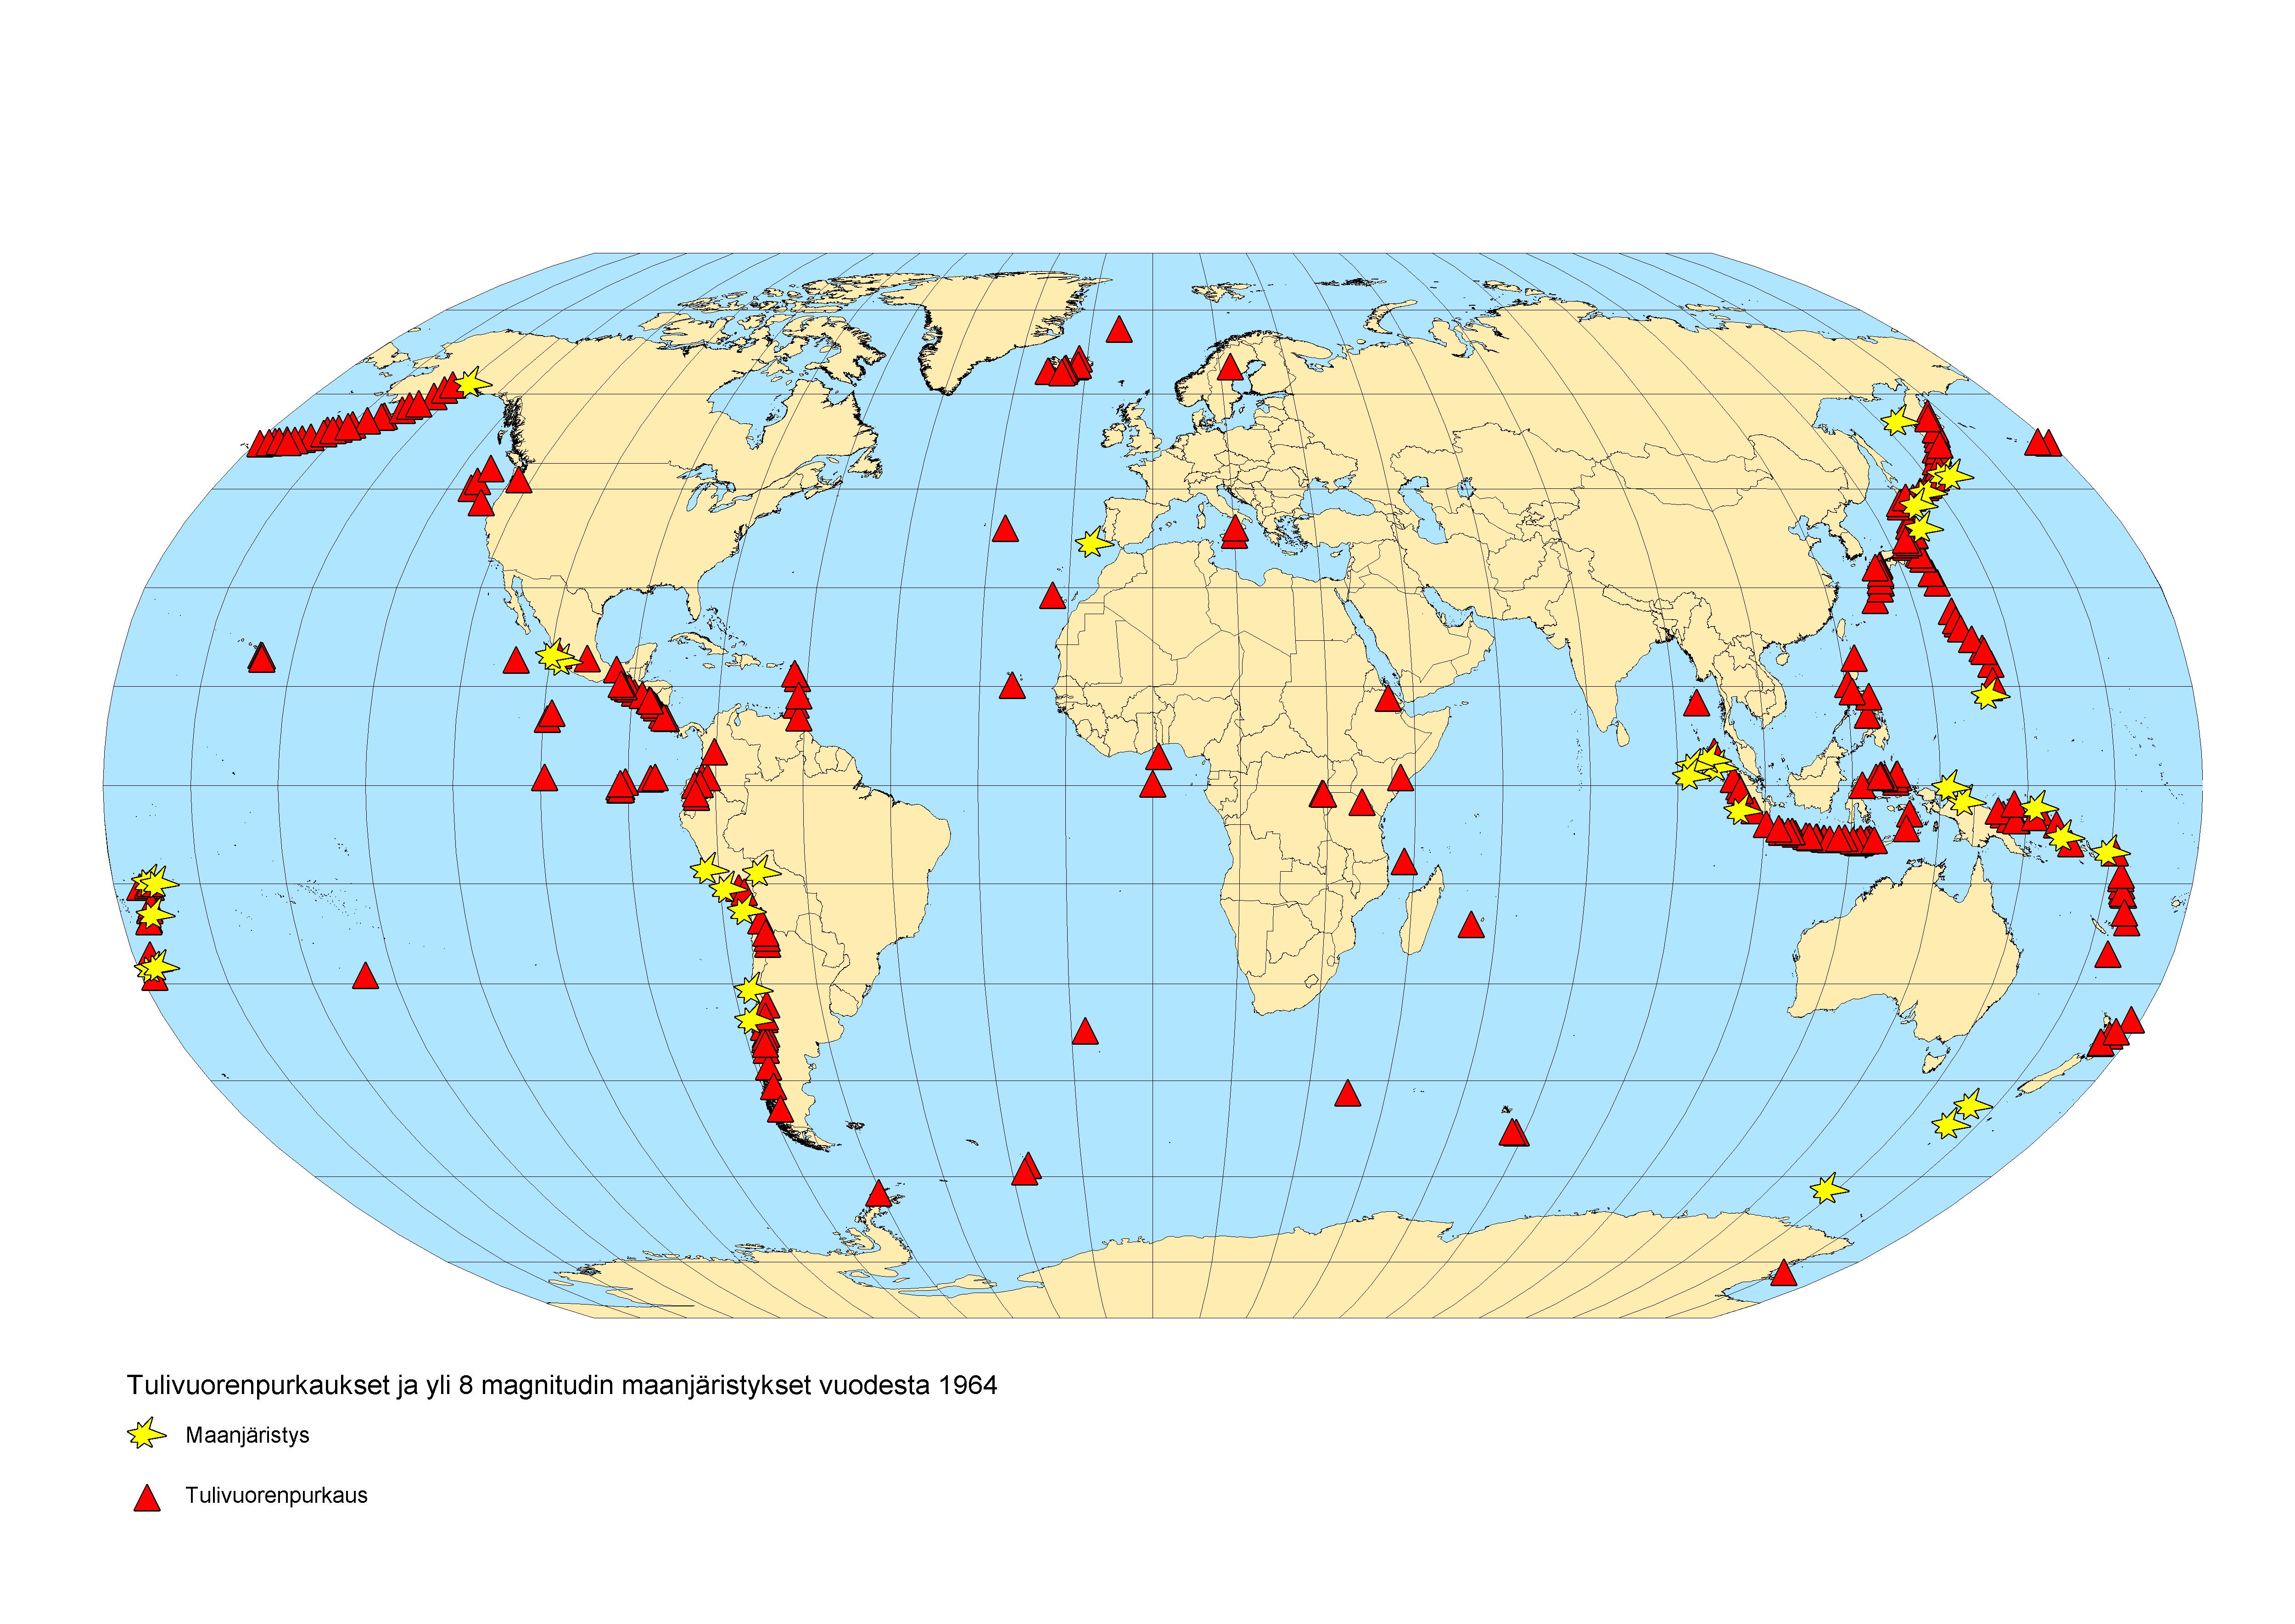 Maanjäristyksetjatulivuoret